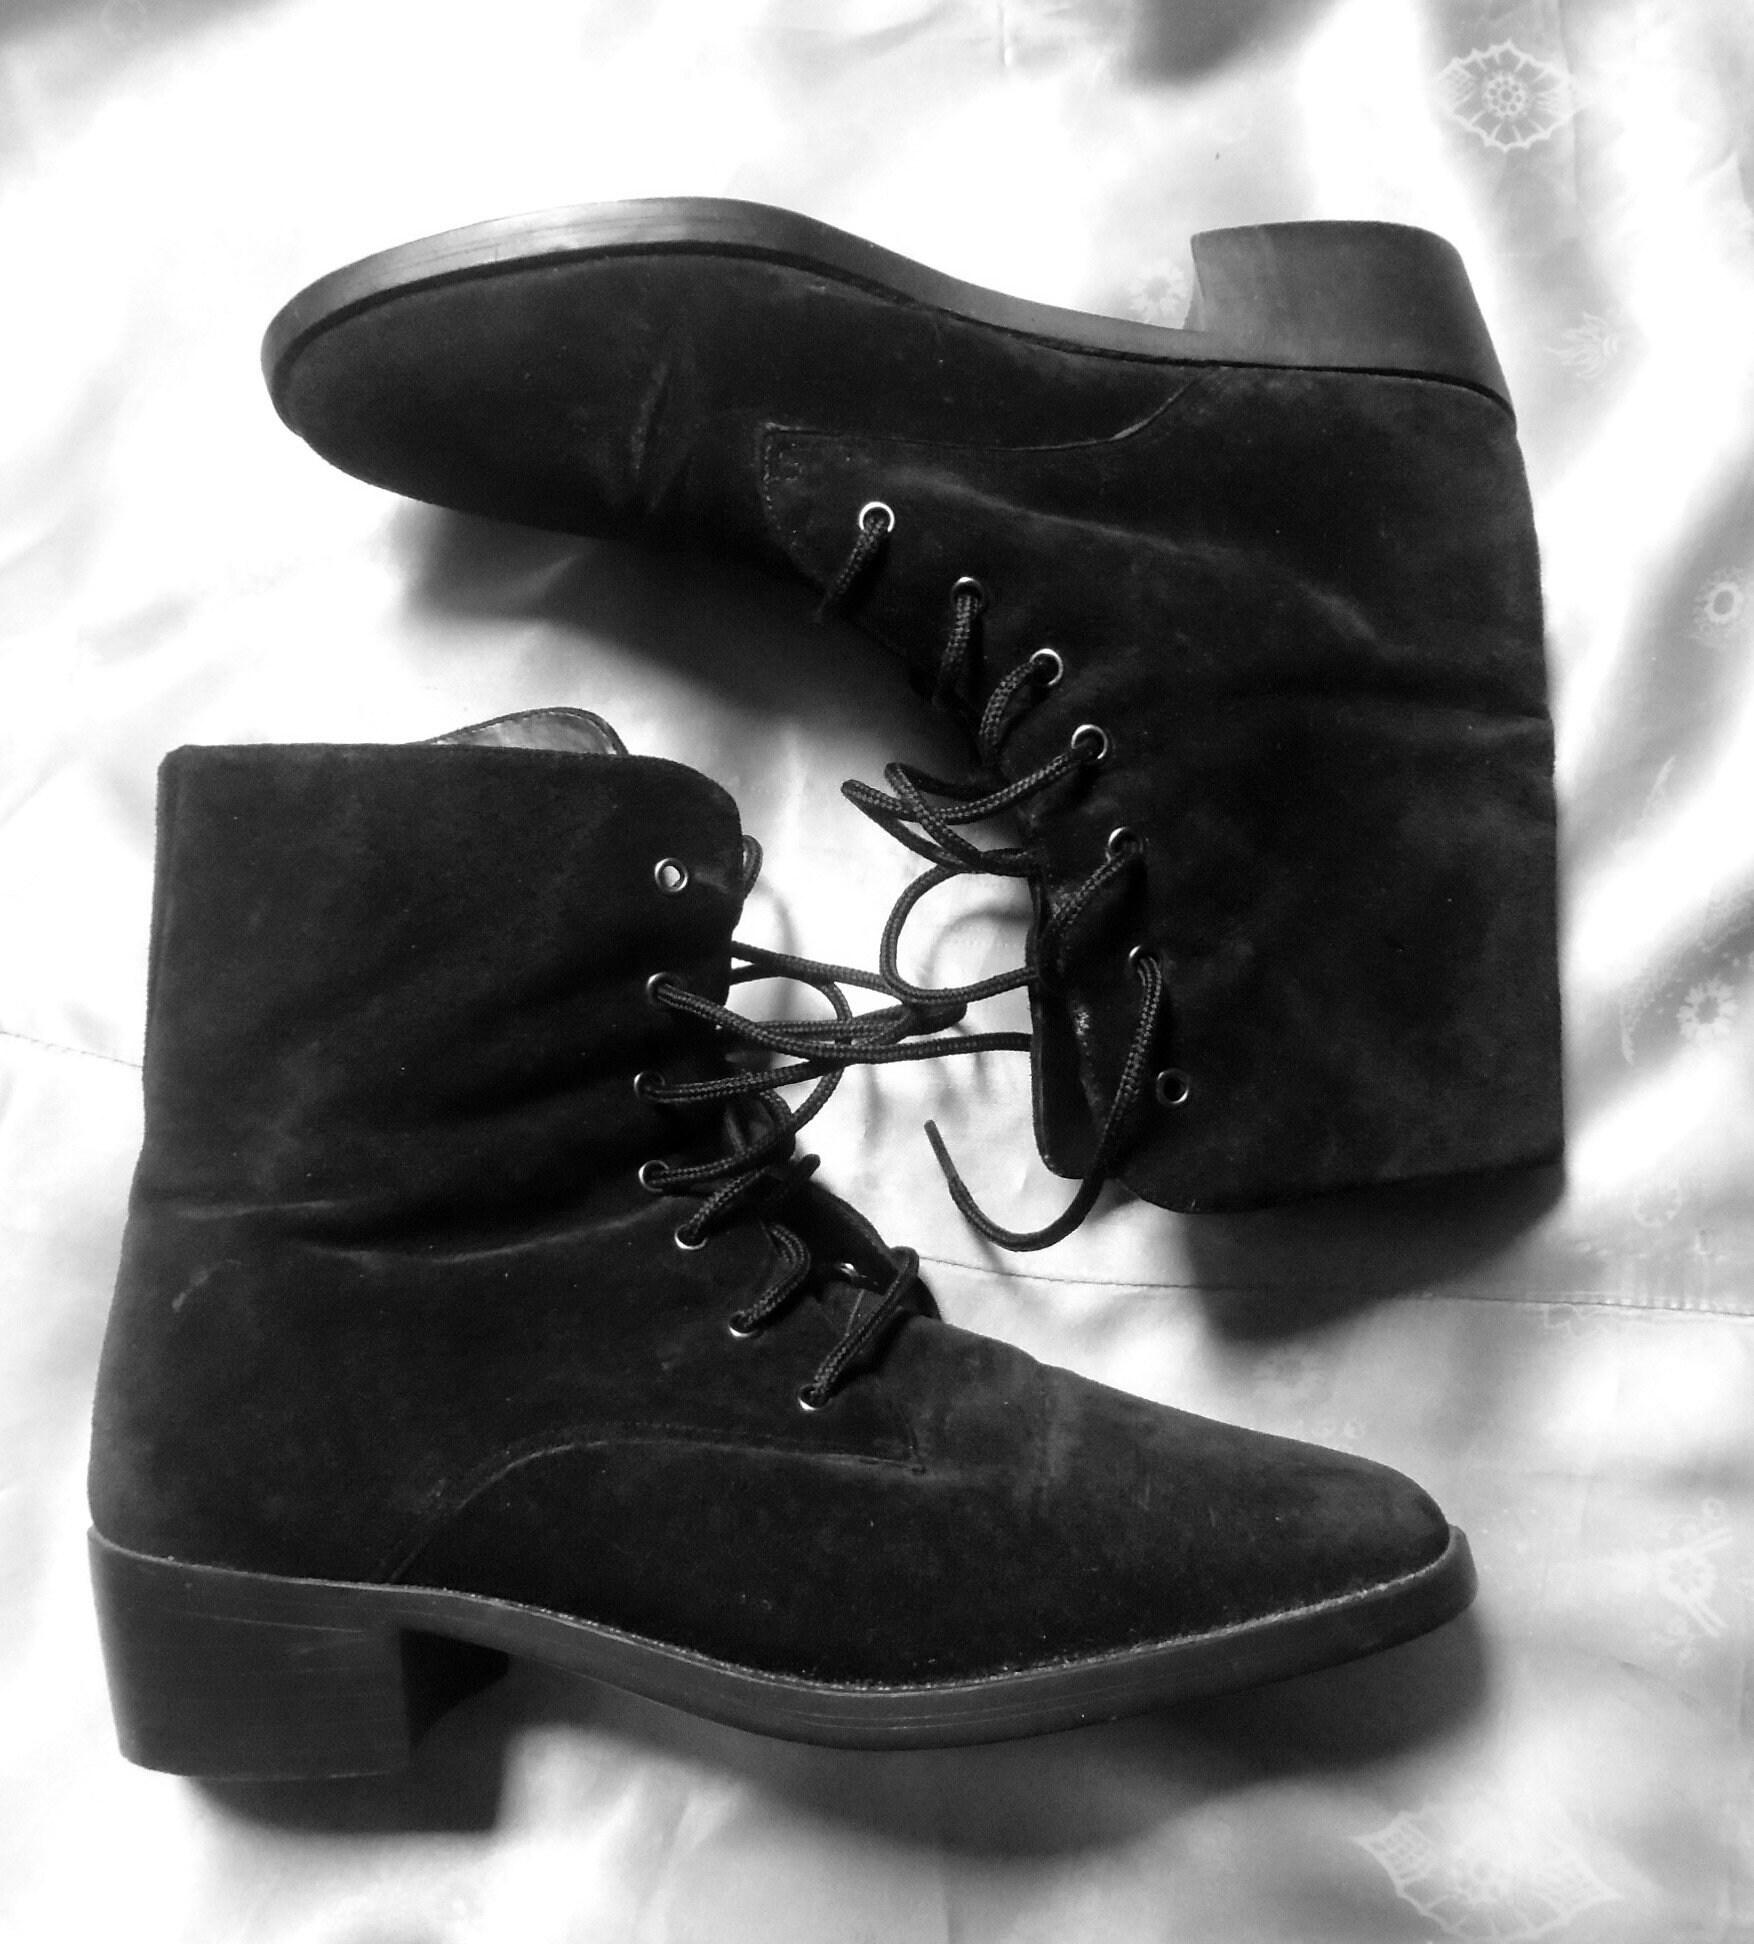 Años 90 negro botines vintage cordón de de de gamuza hasta abuela Punk Grunge botines 7 agujero encaje Ups bajo grueso tacón mujer tamaño 7 5e928d